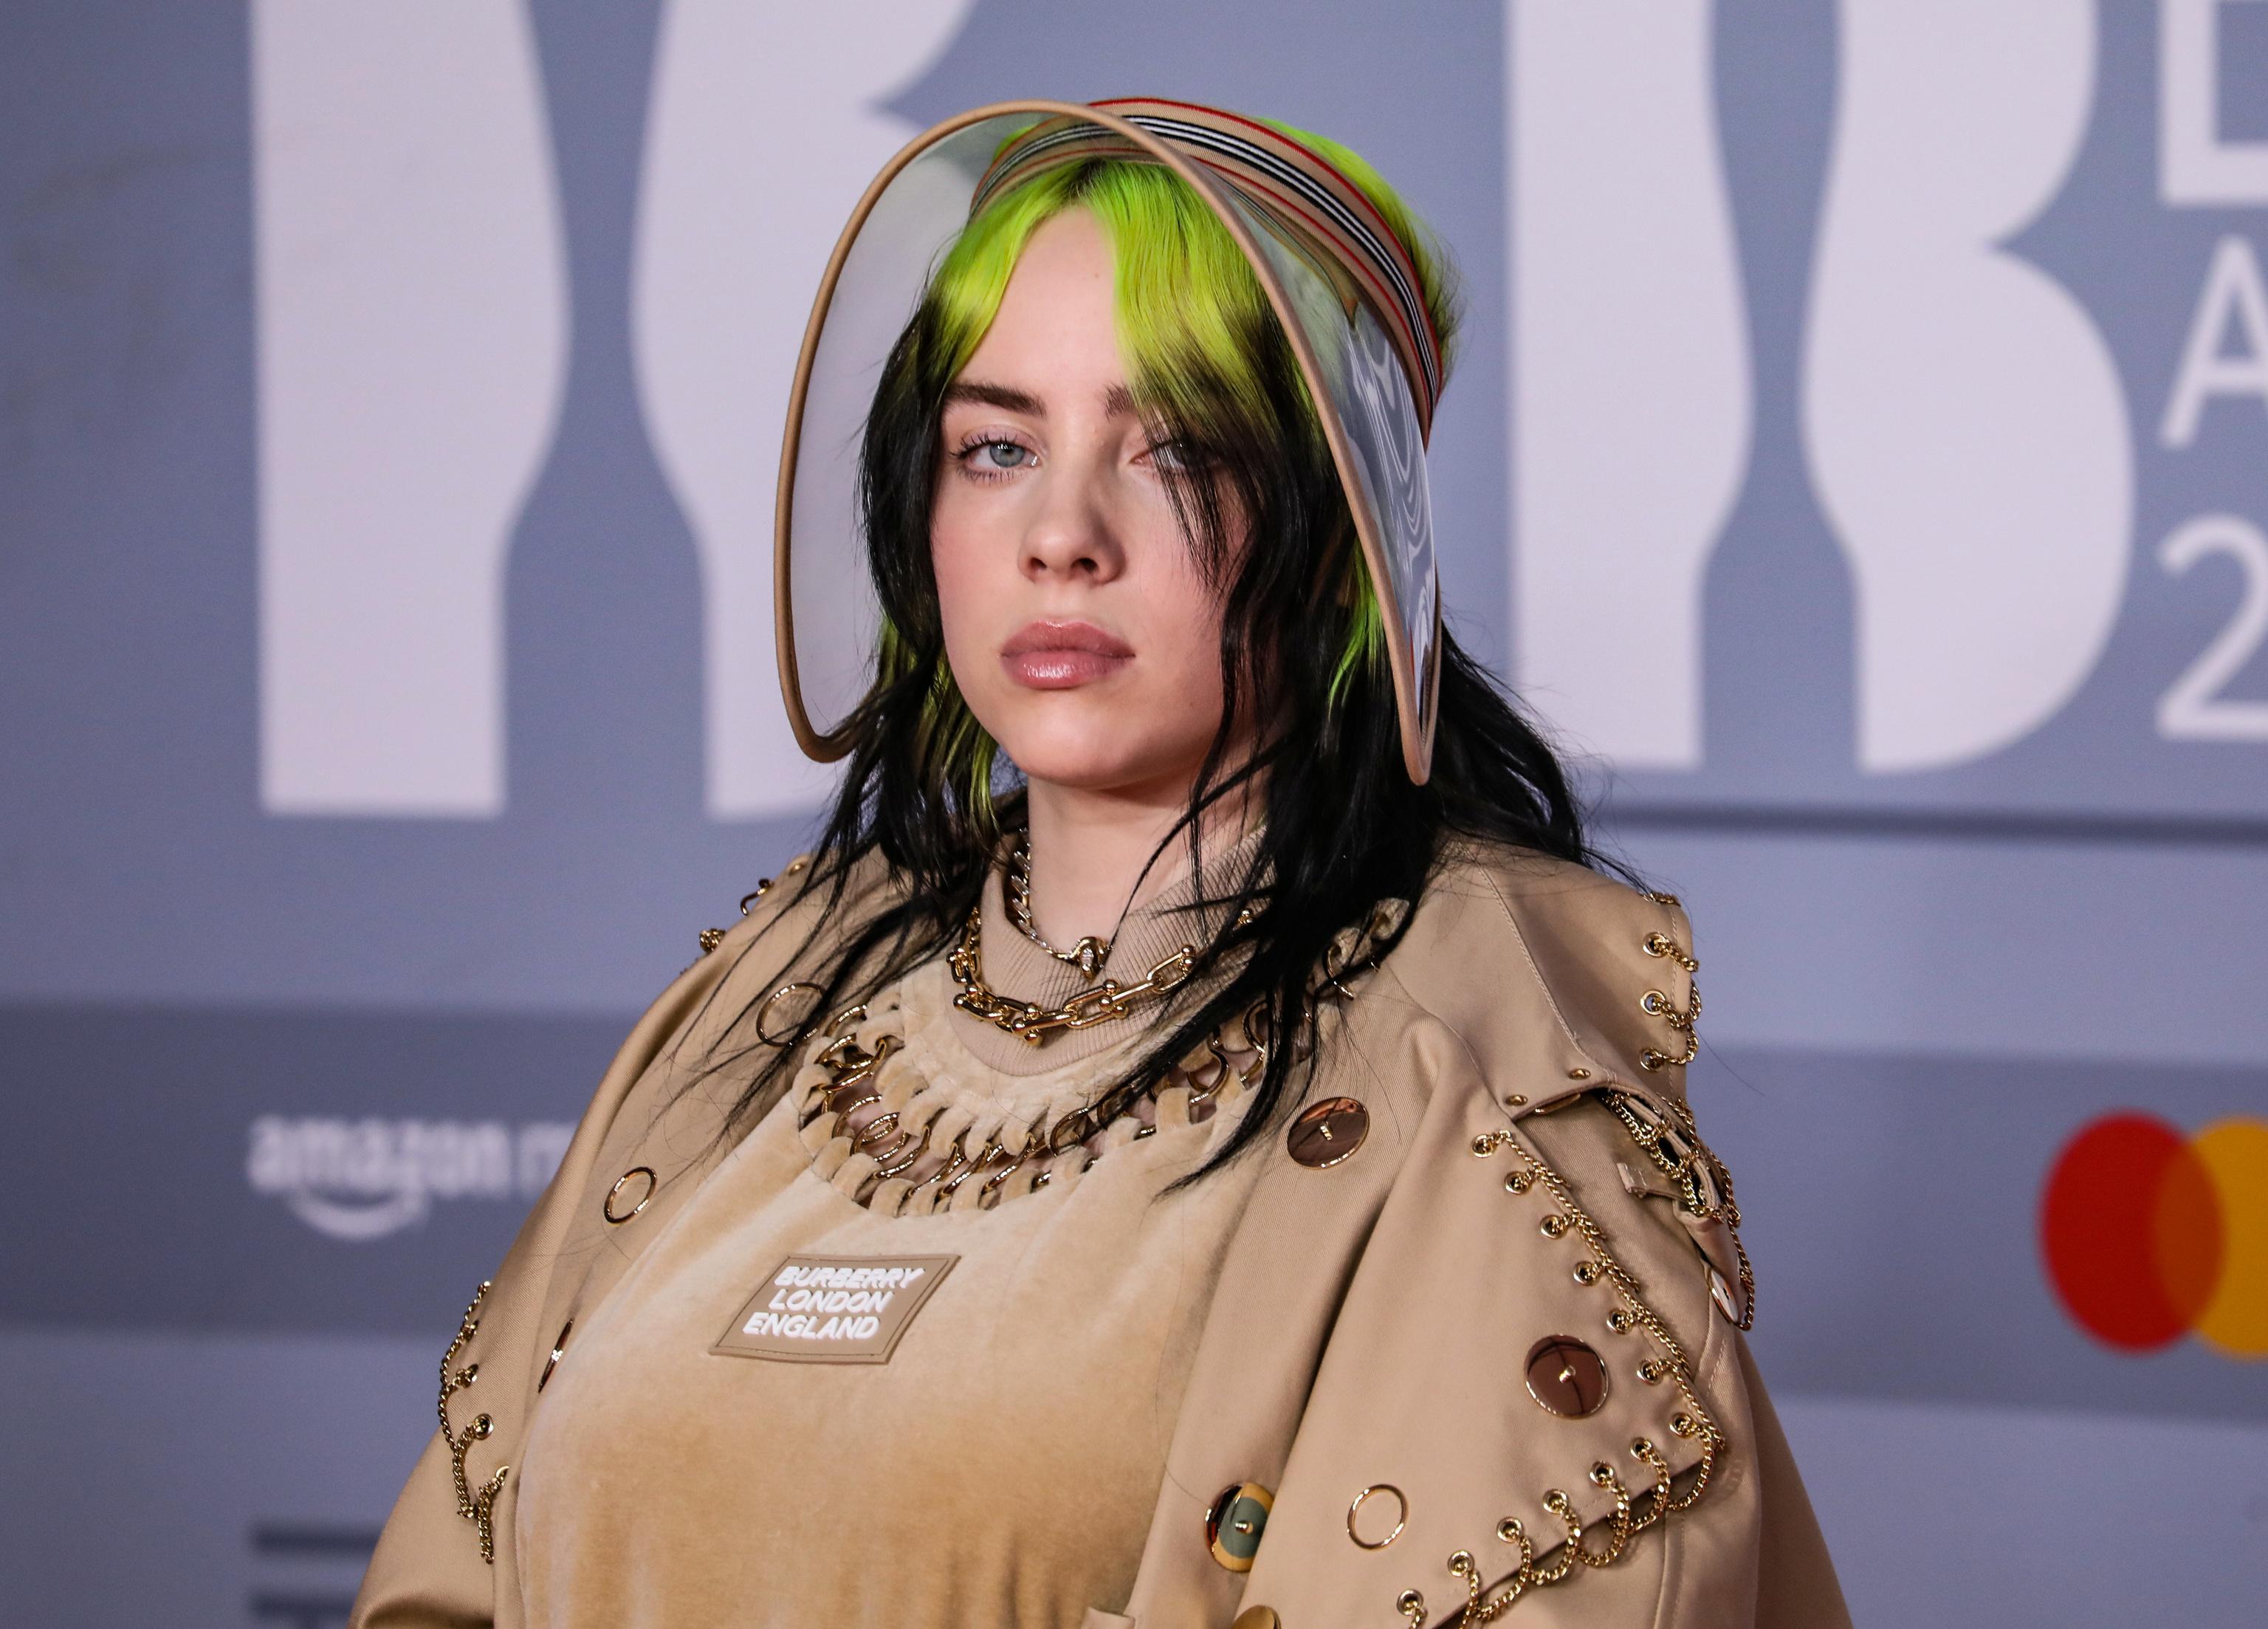 La cantante Billie Eilish en los Premios Brit en 2020.